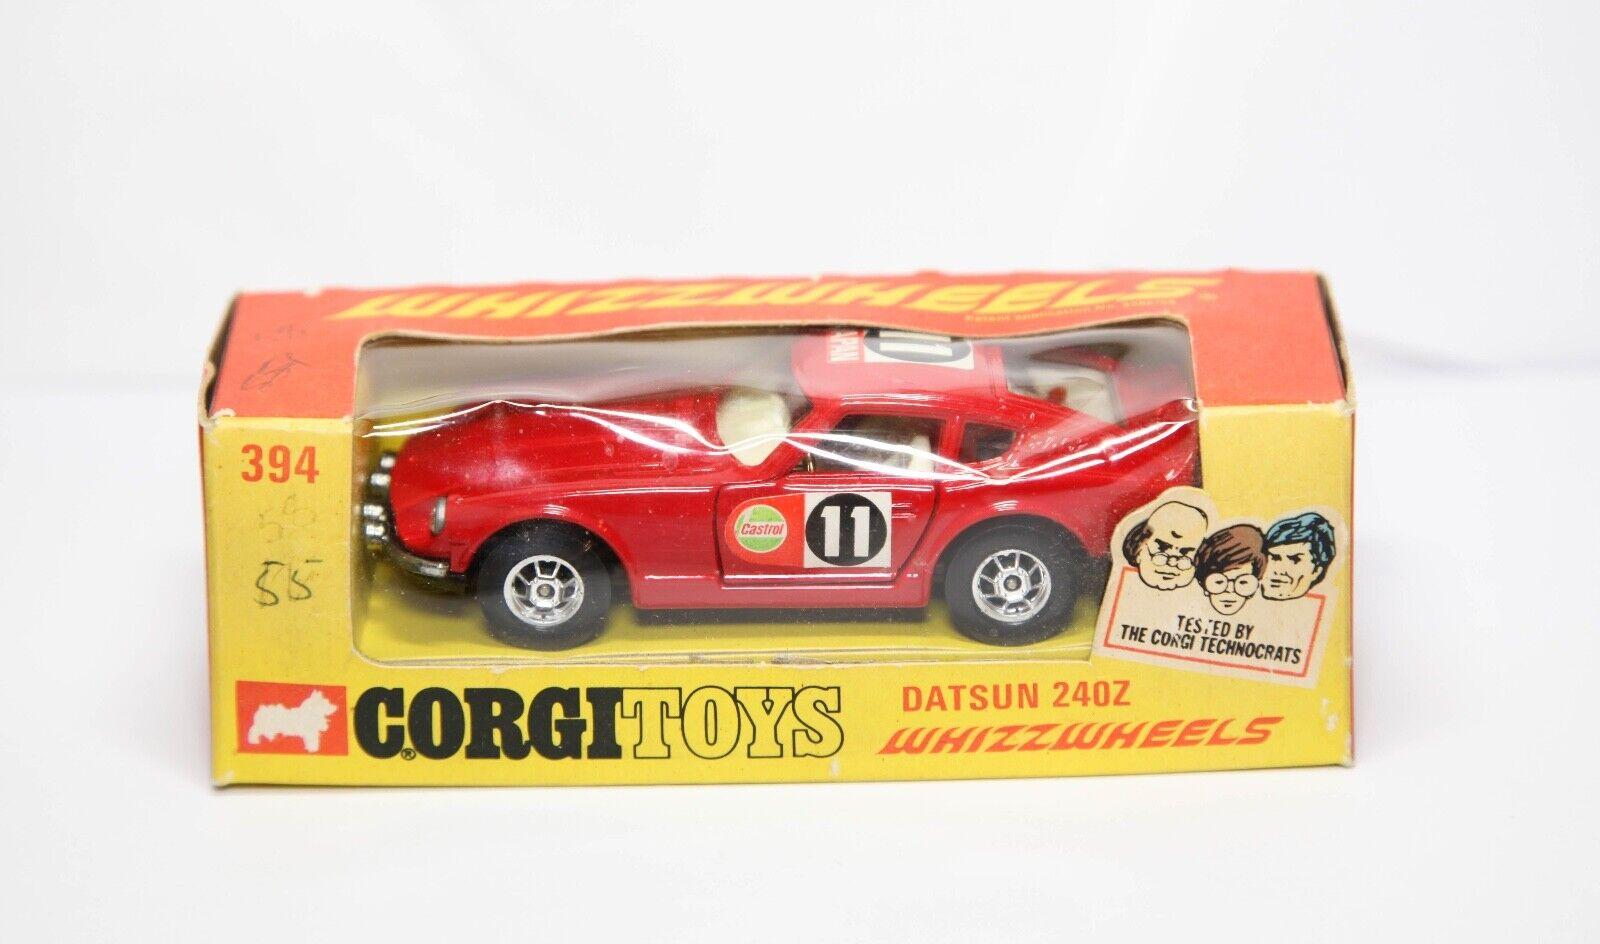 Corgi 394 Whizzwheels Datsun 240Z In Its Original Box - Near Mint Vintage Model